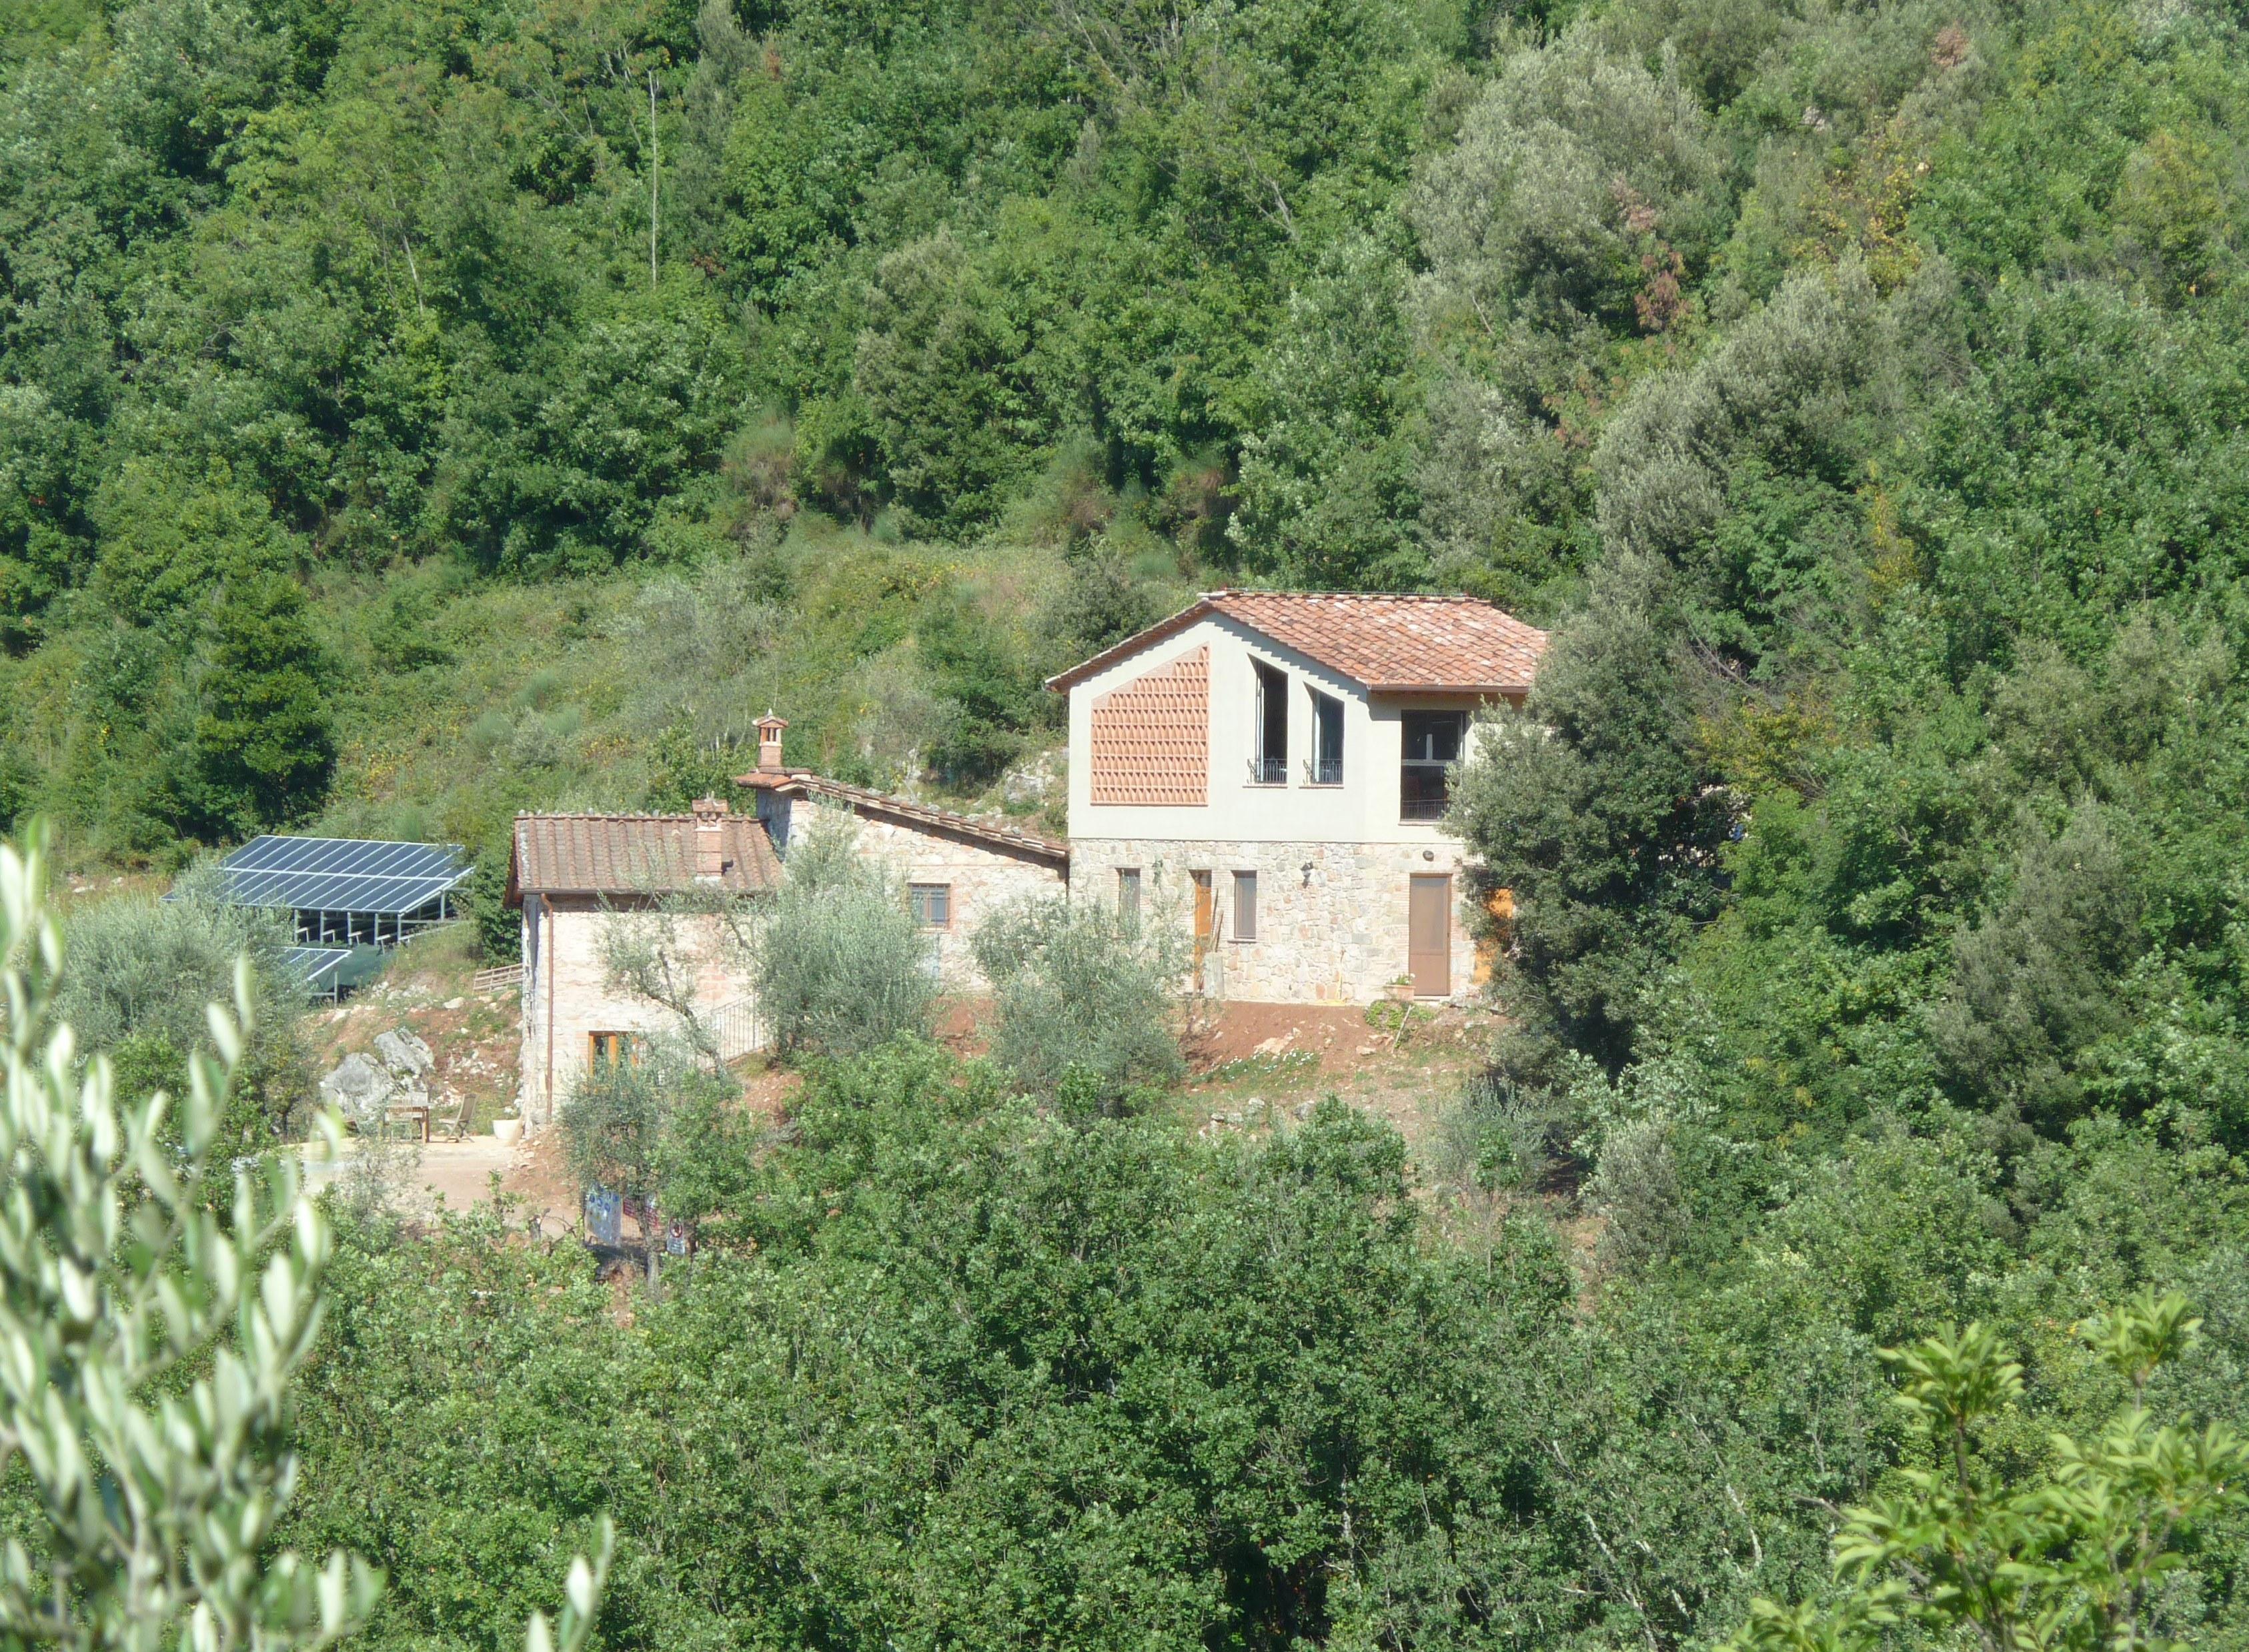 beide huizen